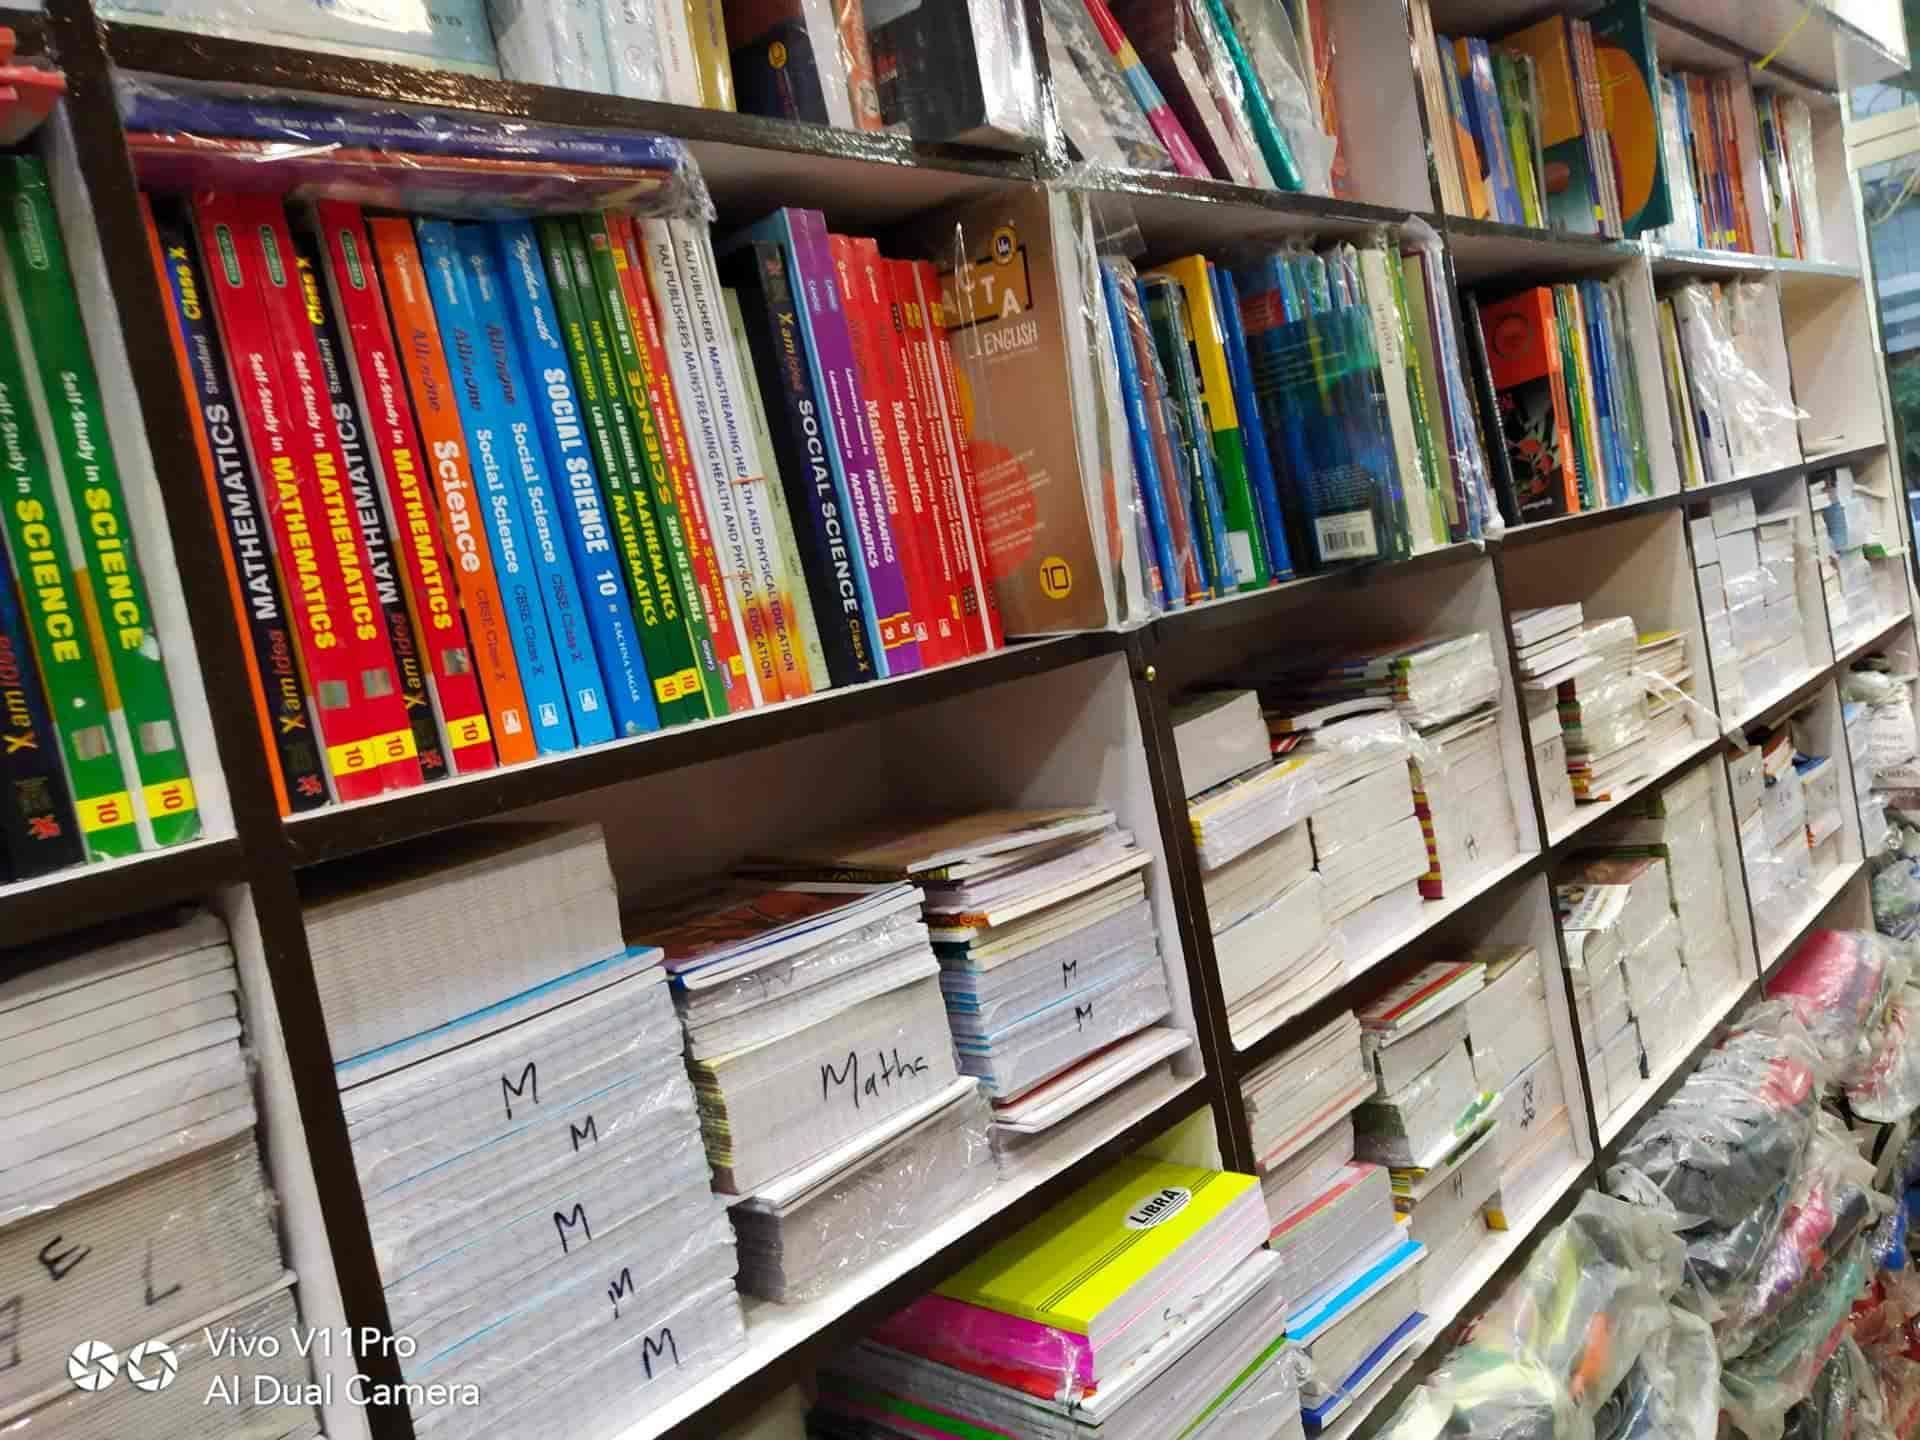 Jindal Books & Stationery, Zirakpur HO - Book Shops in Zirakpur